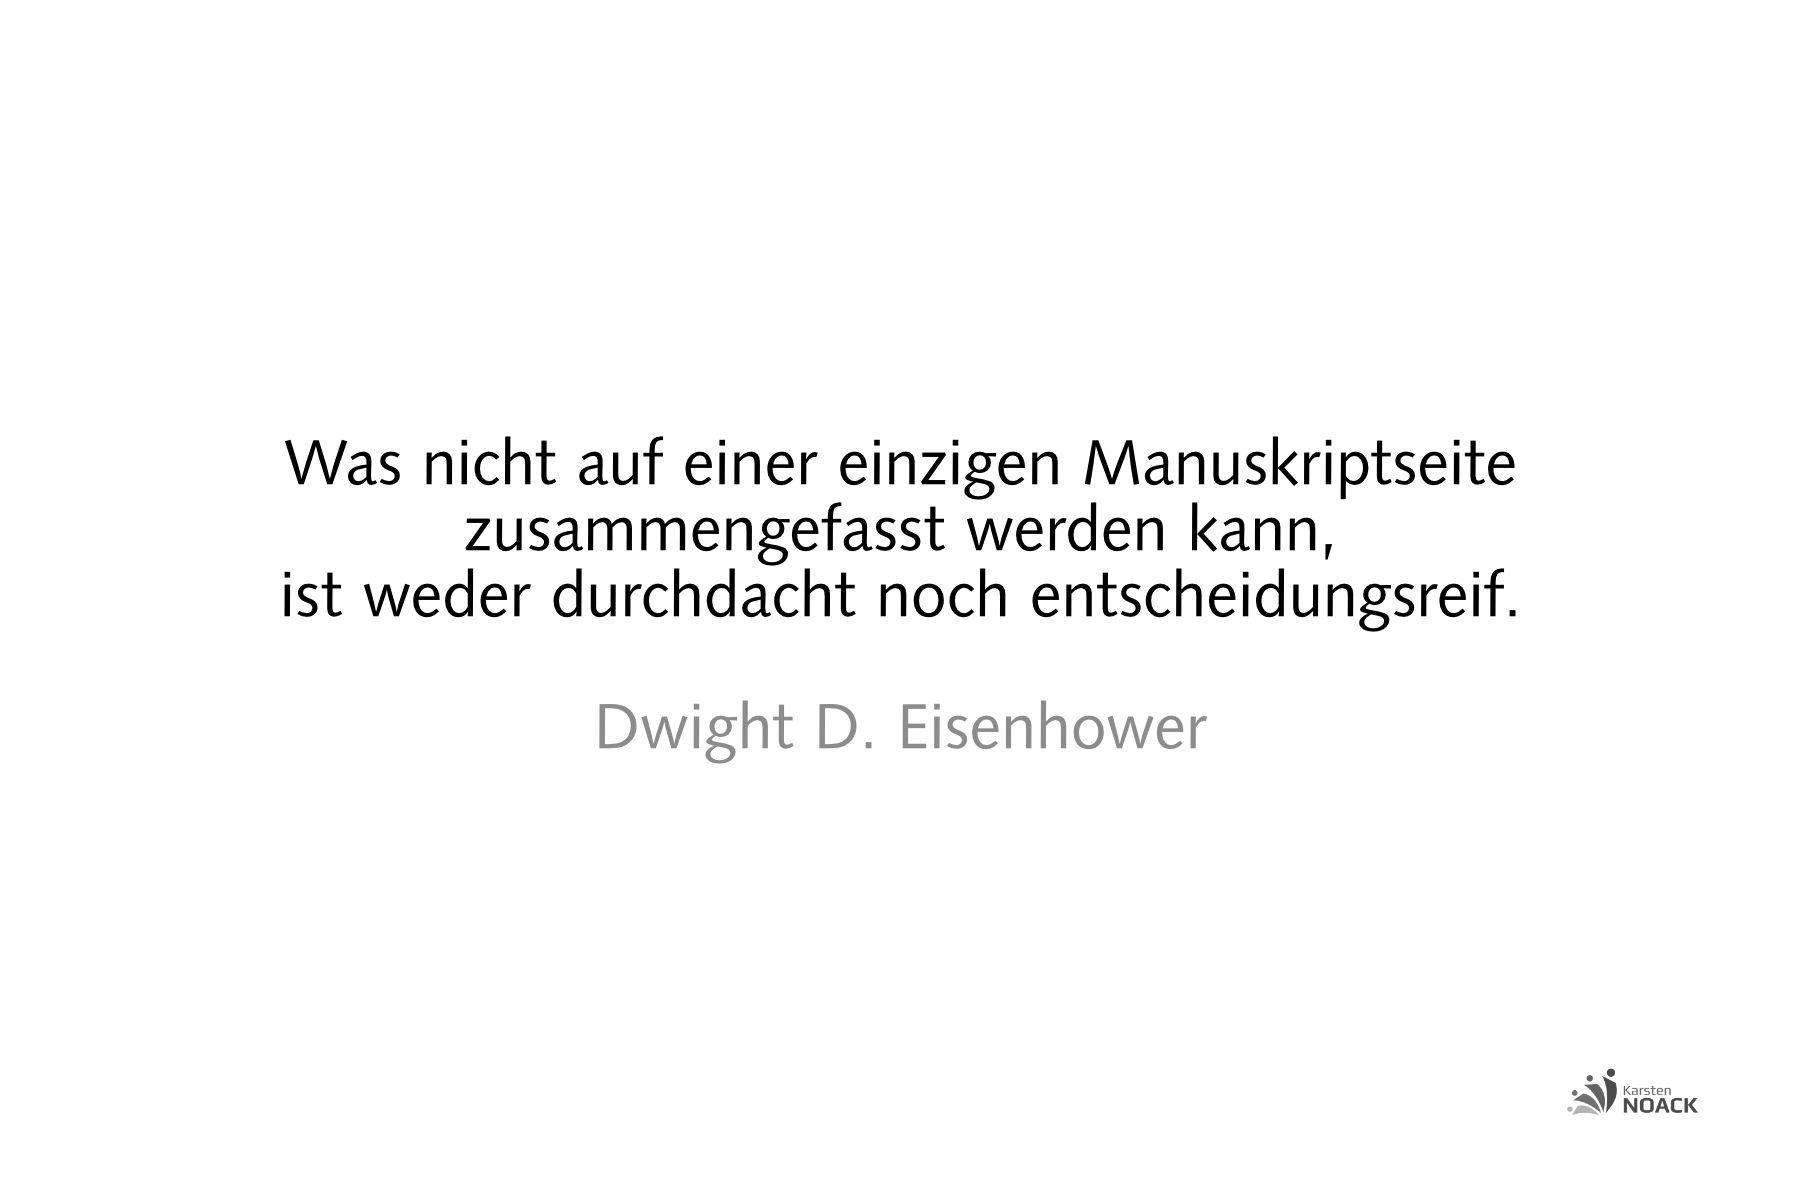 Was nicht auf einer einzigen Manuskriptseite zusammengefasst werden kann, ist weder durchdacht noch entscheidungsreif. Dwight D. Eisenhower